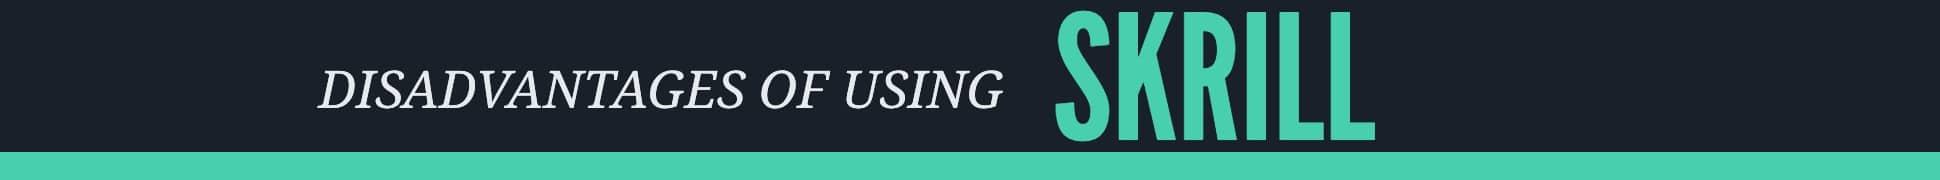 Skrill-Nätcasinon 2018 – Att använda Skrill (Moneybookers) på casinon